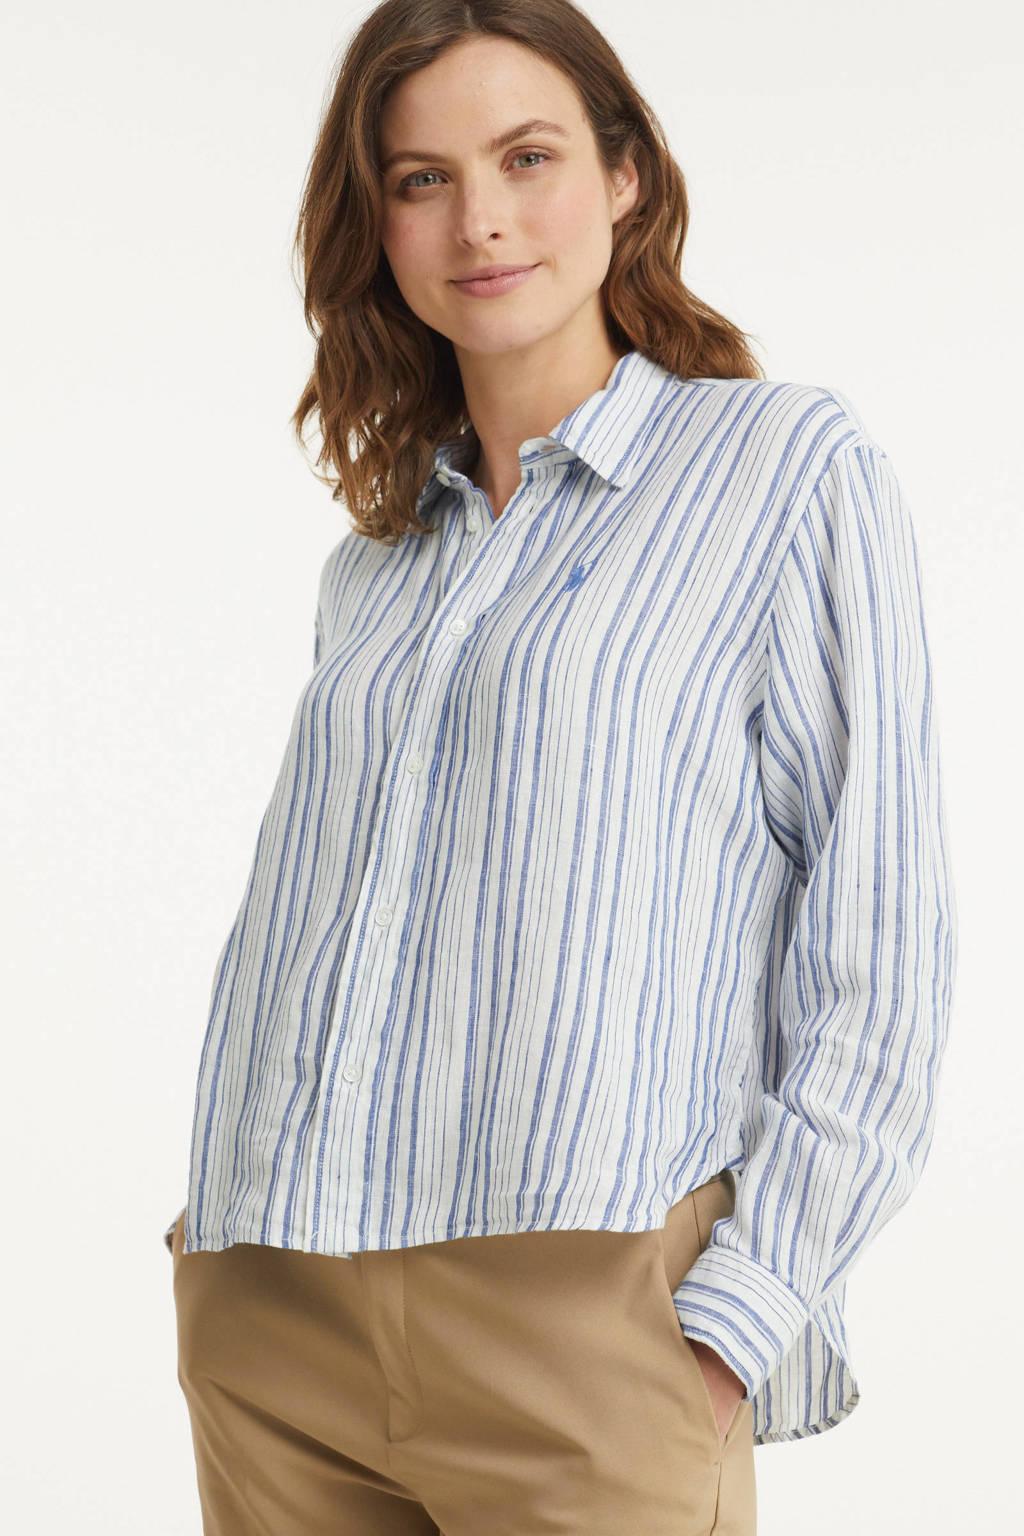 POLO Ralph Lauren gestreepte blouse lichtblauw/wit, Lichtblauw/wit